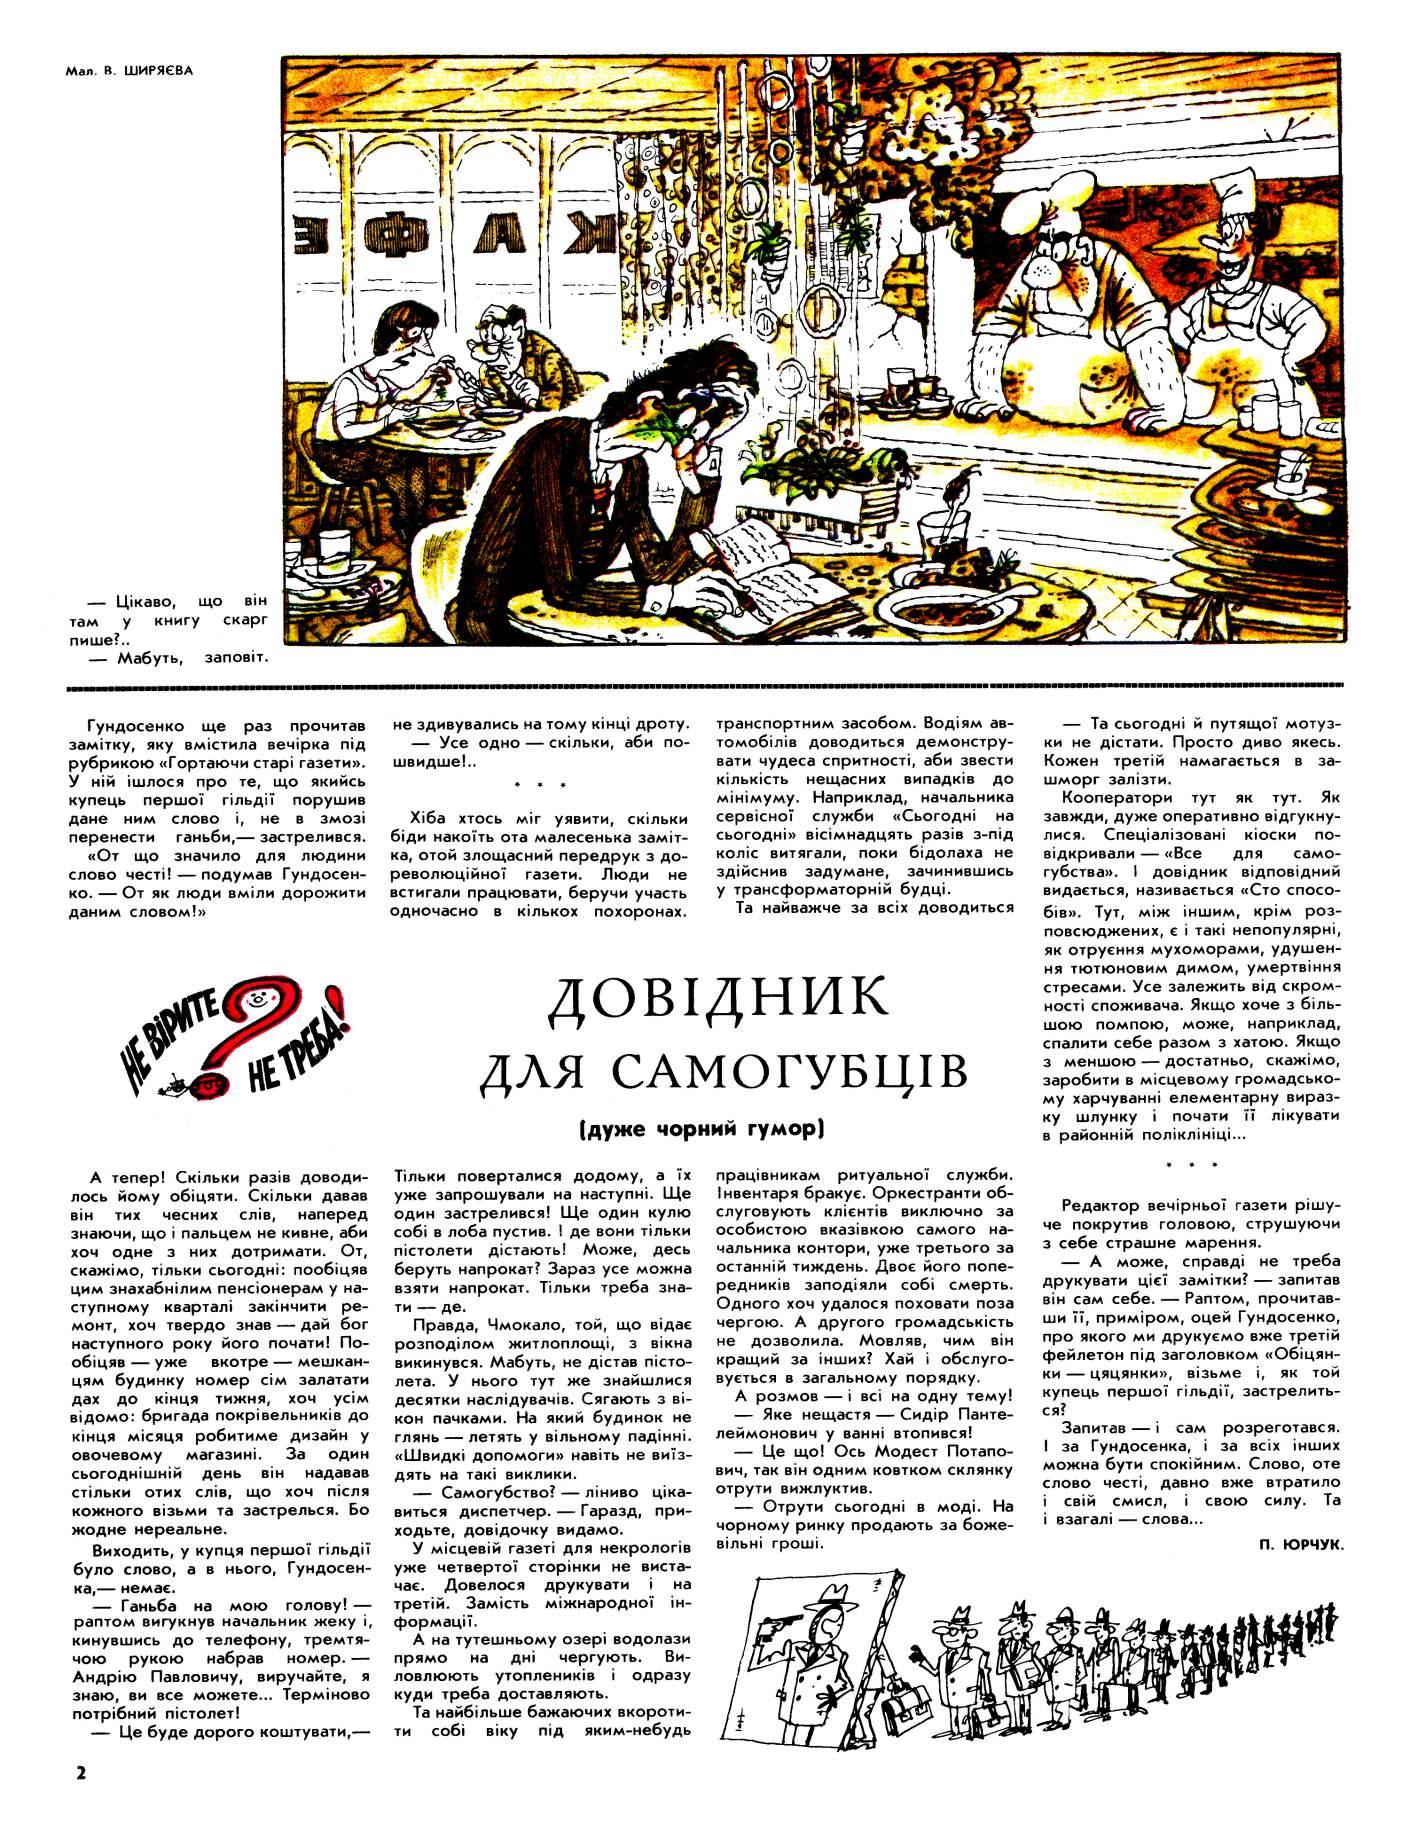 Журнал перець 1989 №23